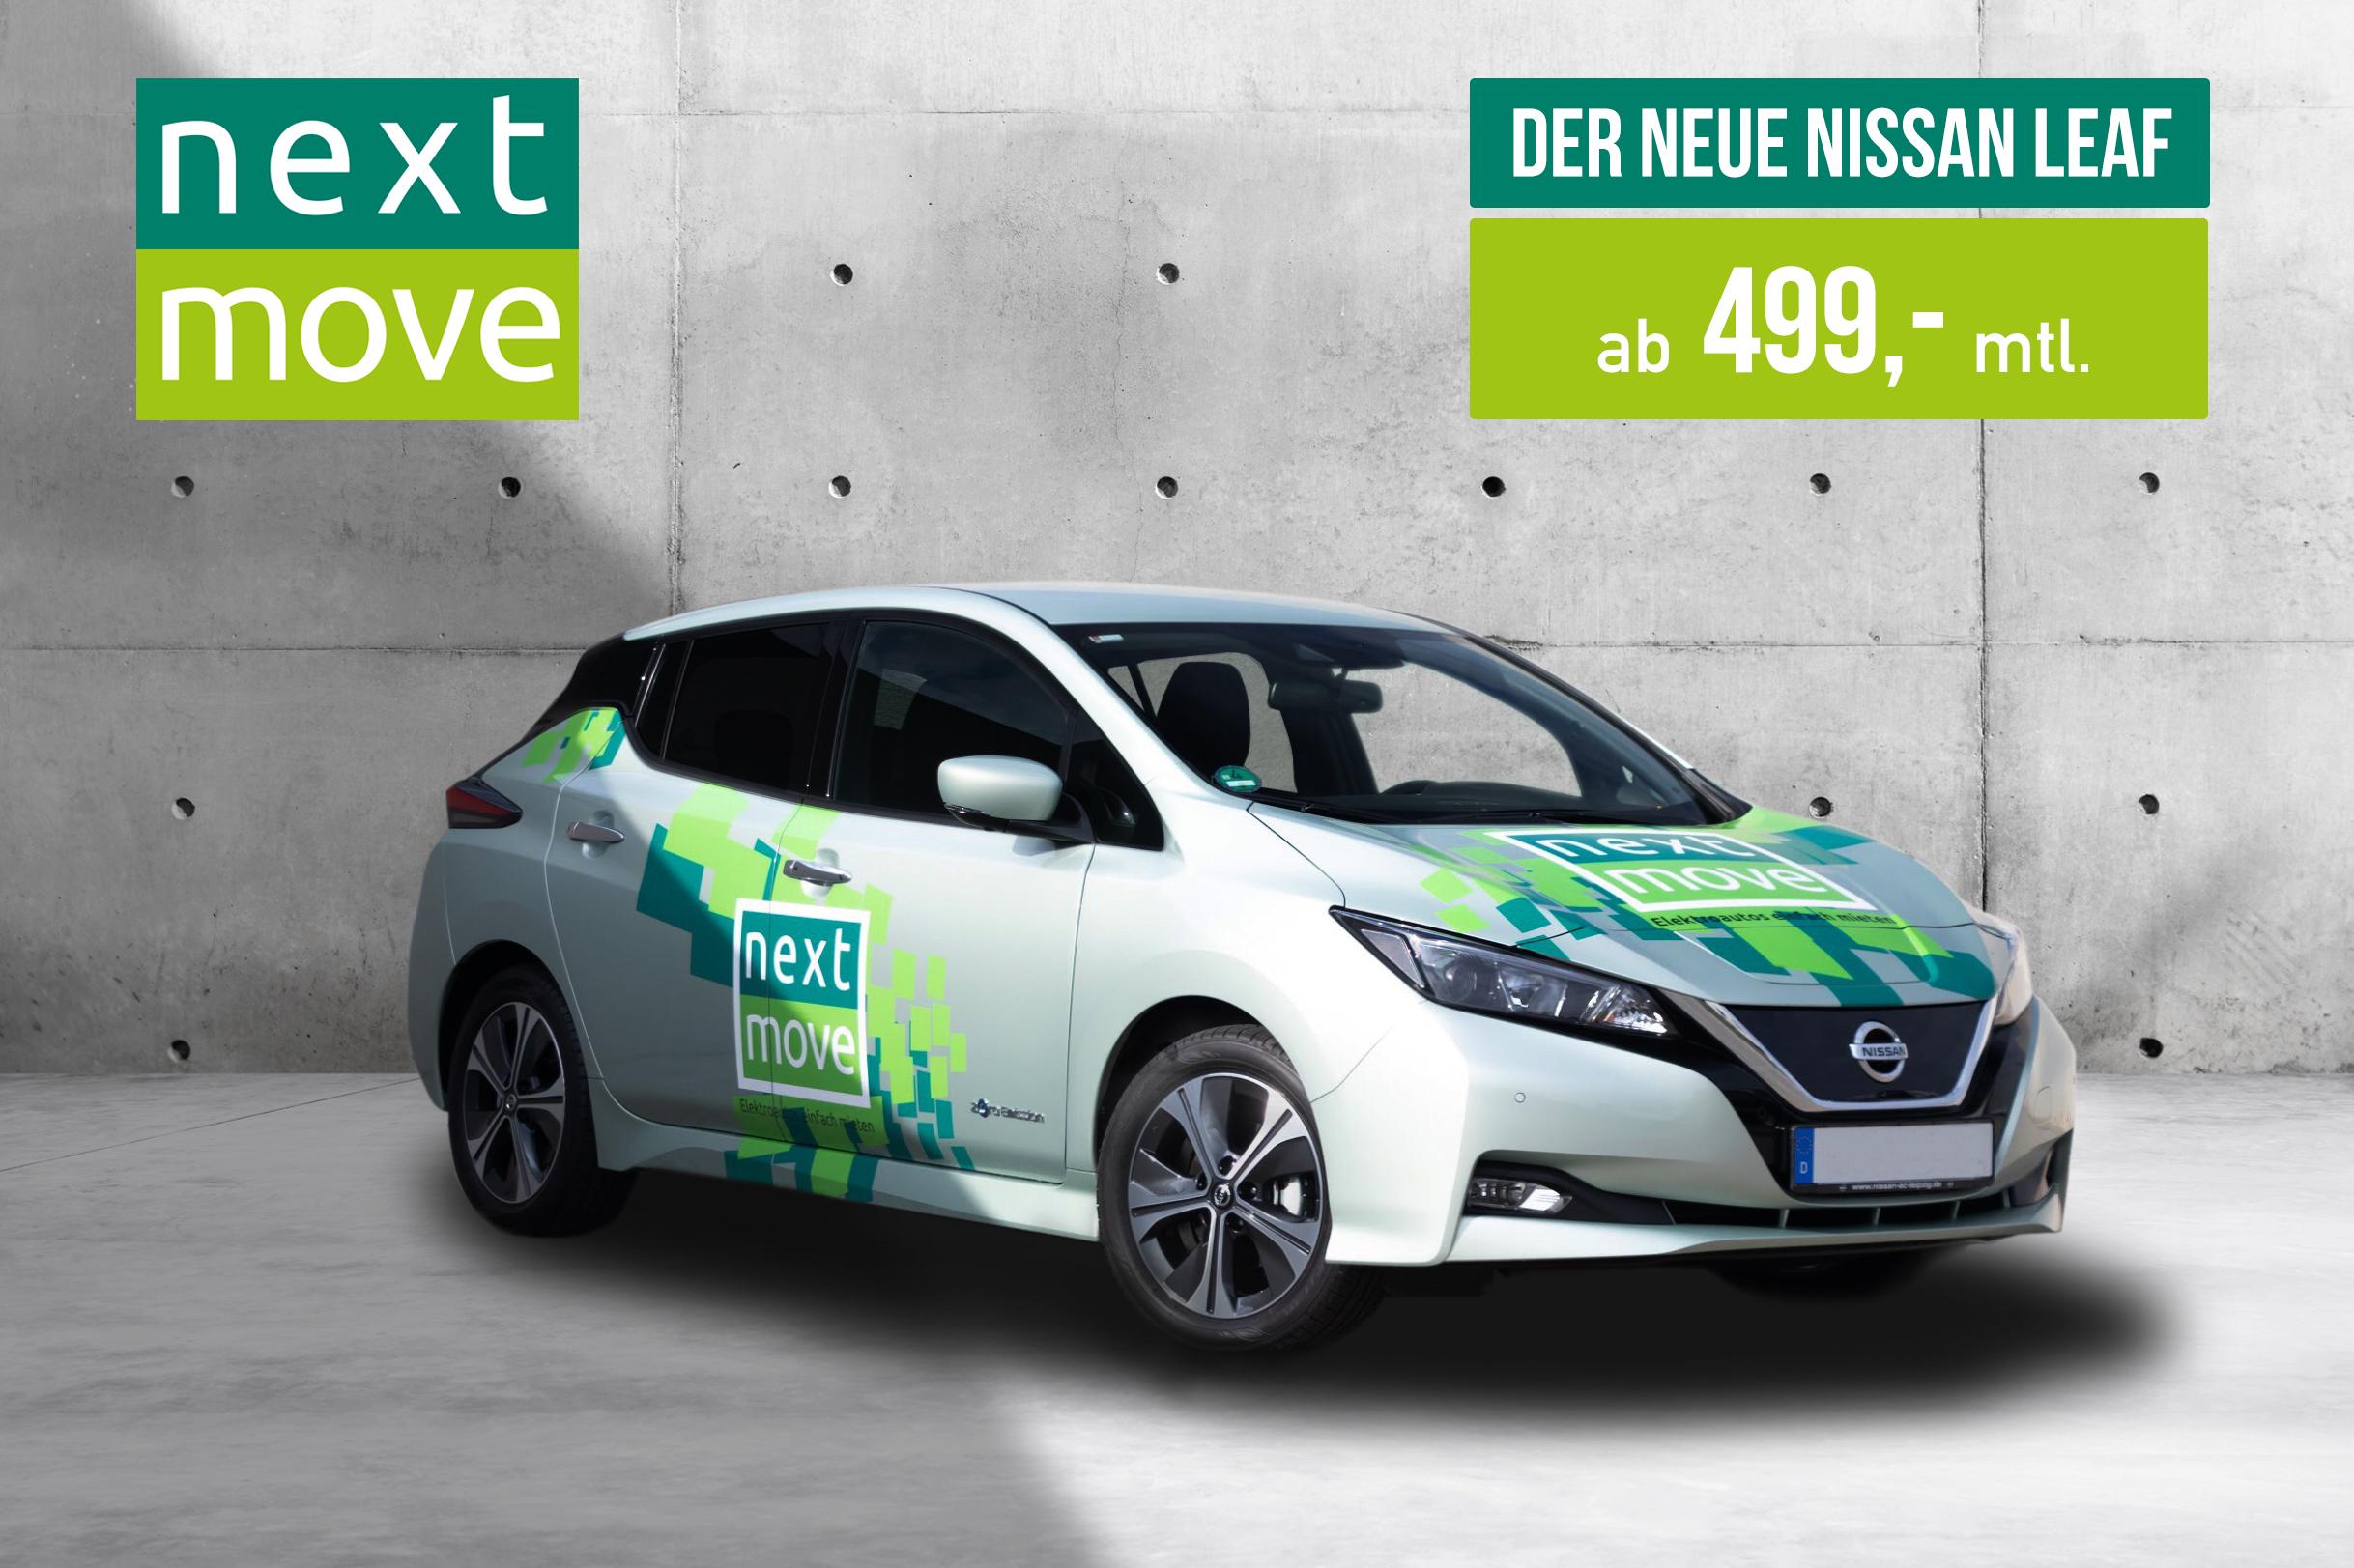 Elektroauto Nissan Leaf für 499 € im Monat mieten